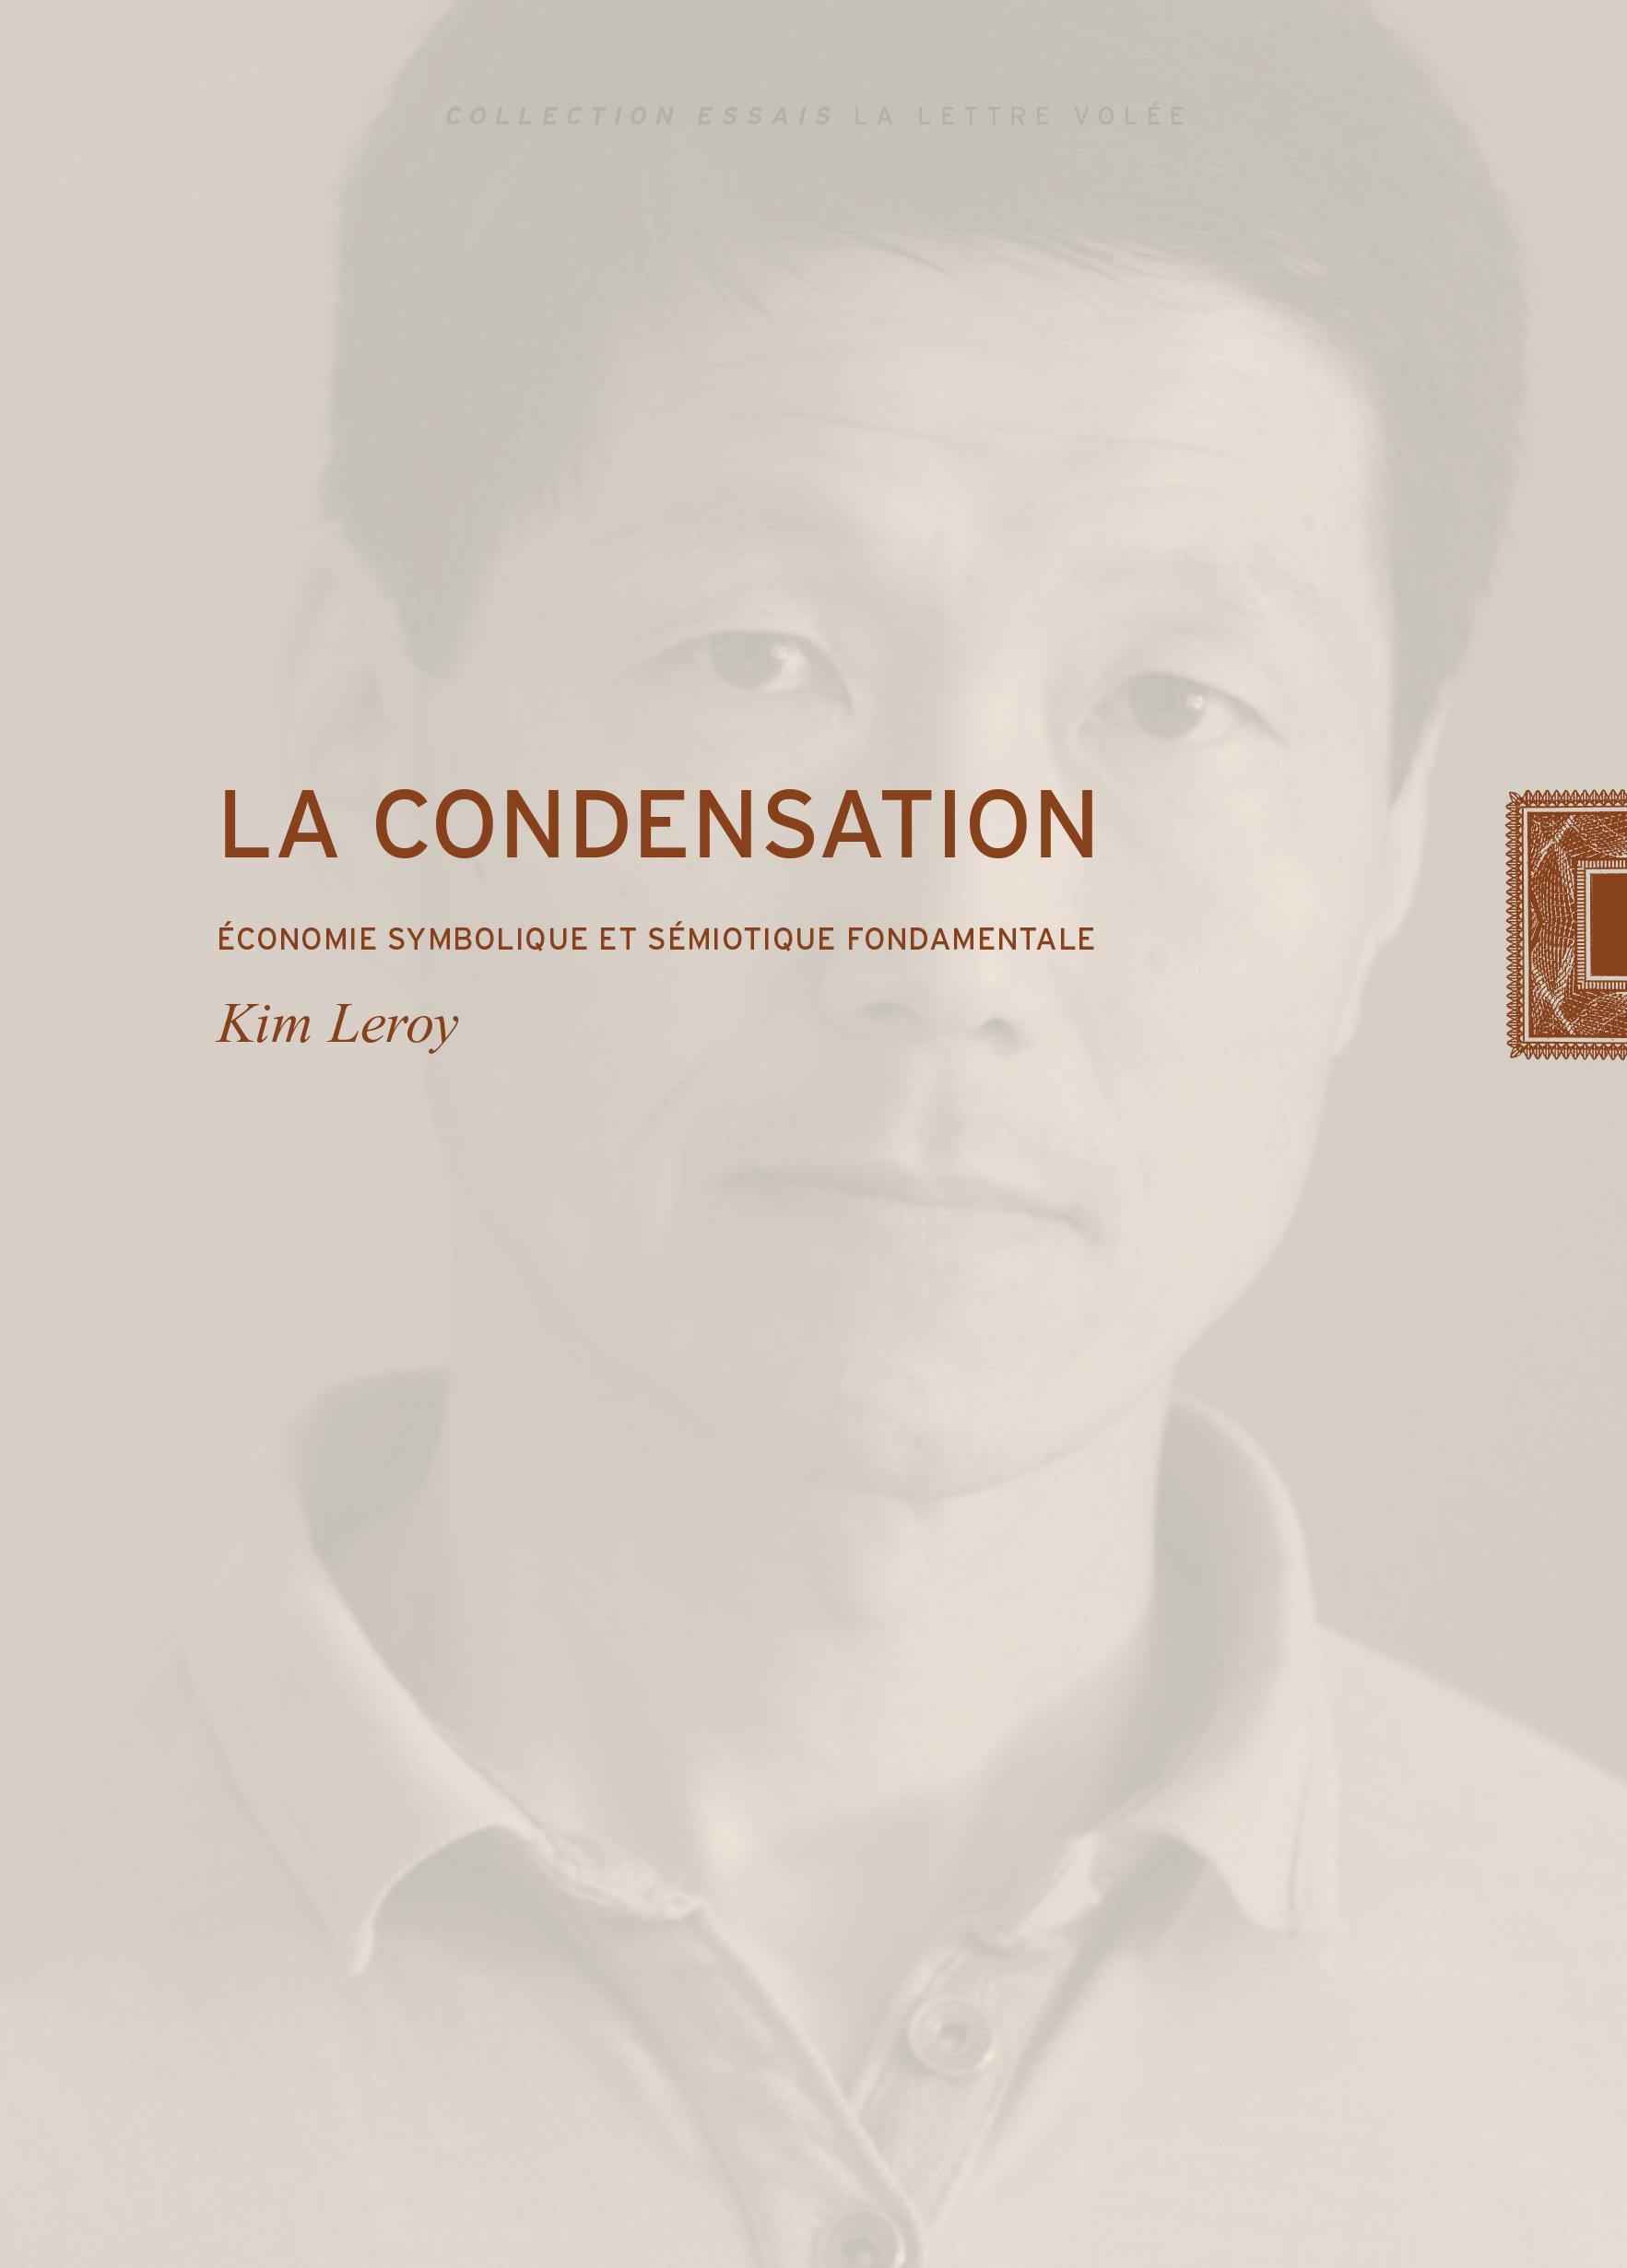 LA CONDENSATION - ECONOMIE SYMBOLIQUE ET SEMIOTIQUE FONDAMENTALE